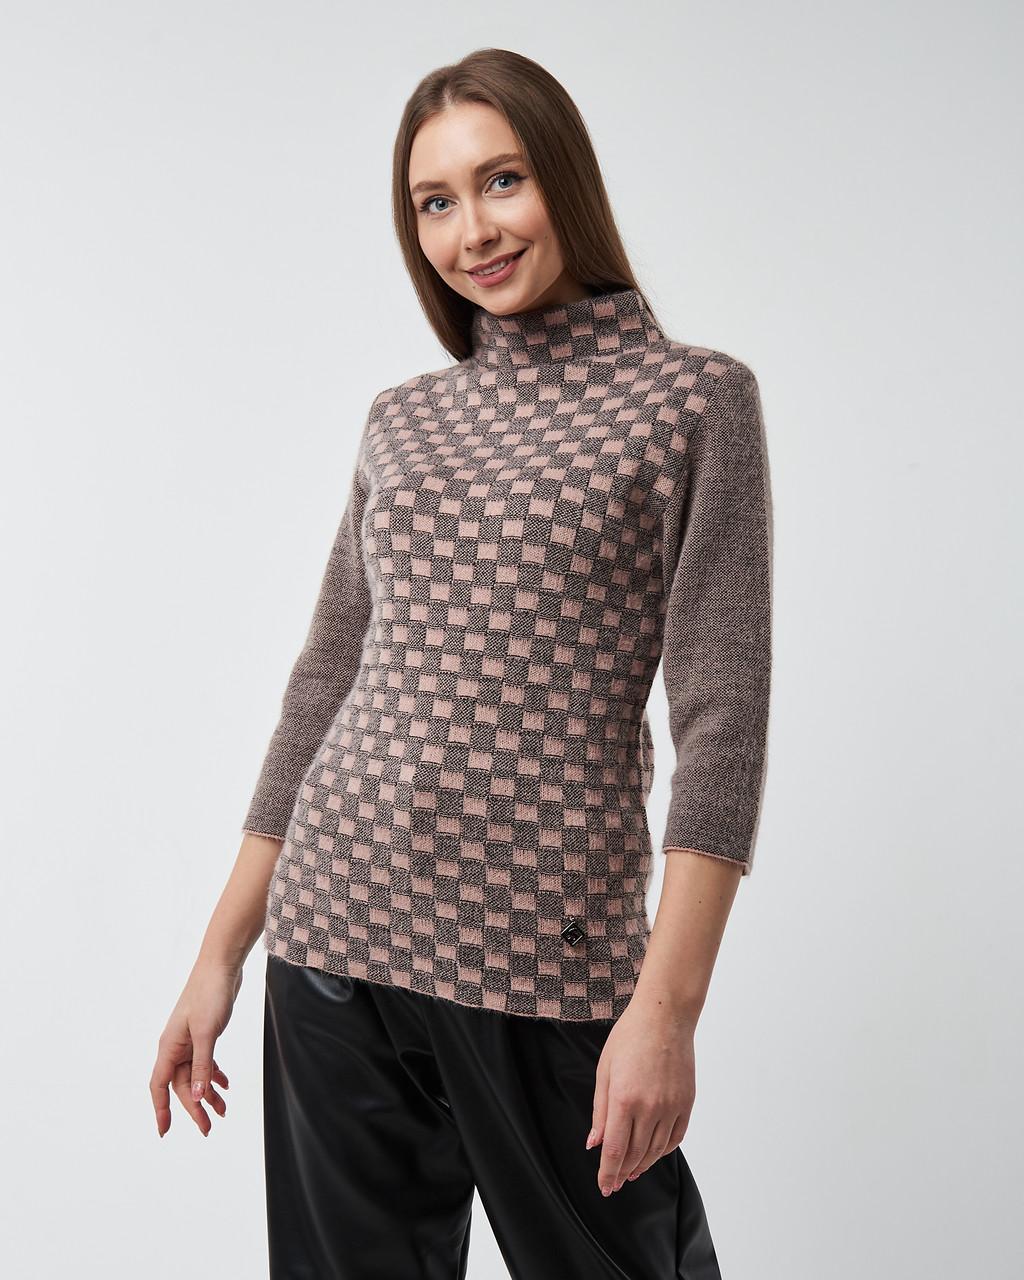 Женский свитер Serianno  с воротником стойкой. Турция